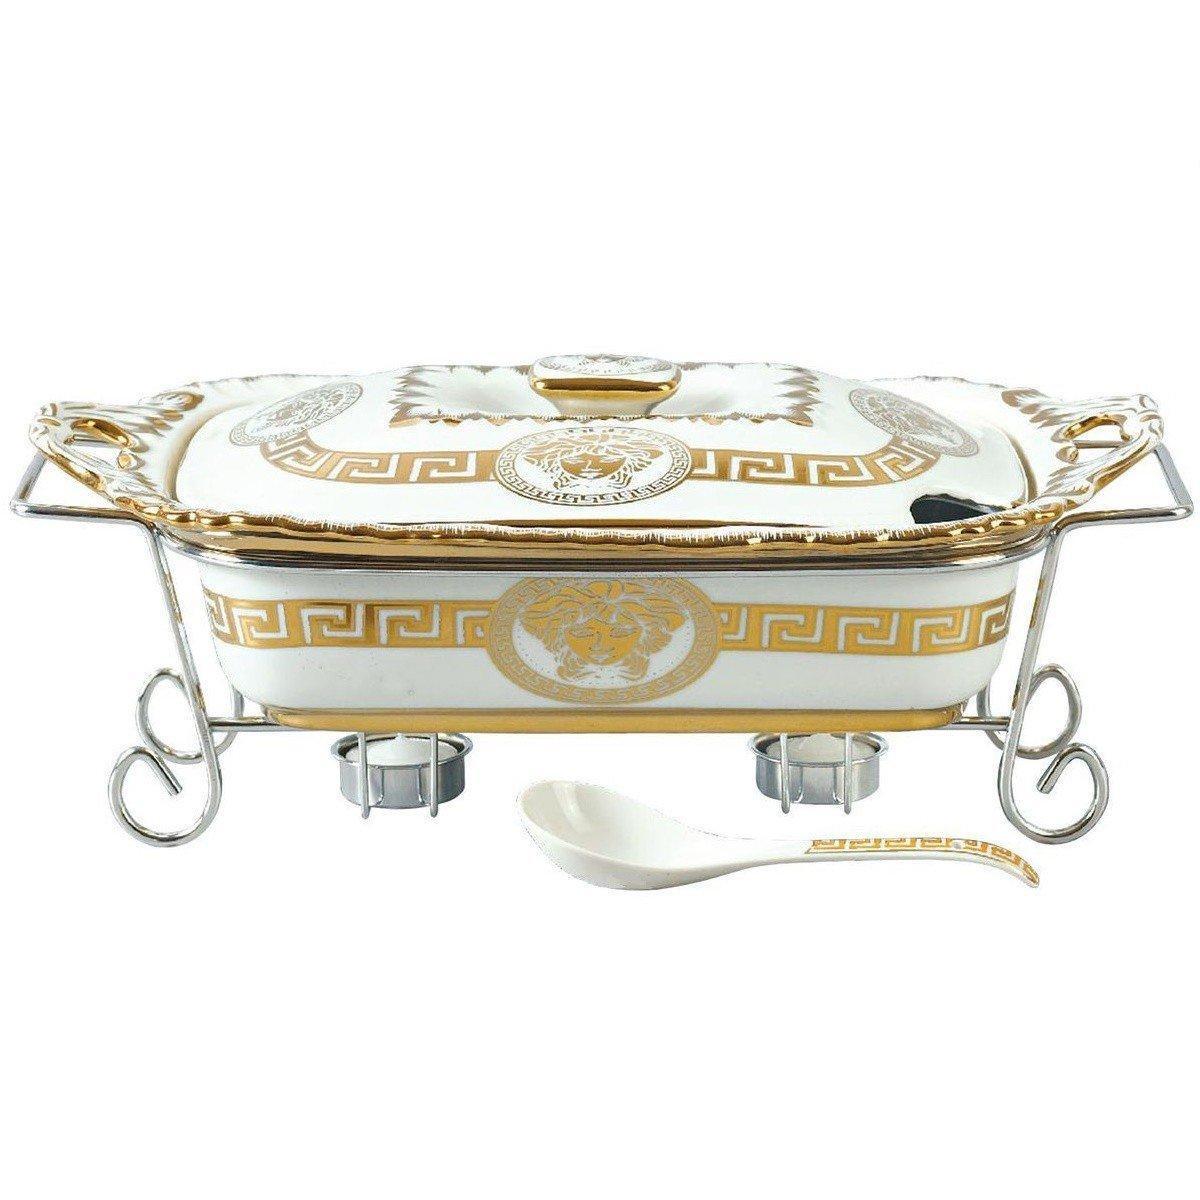 Мармит кастрюля Bohmann Мадонна МА 1135 2,6 л элегантая сервировка стола керамический мармит